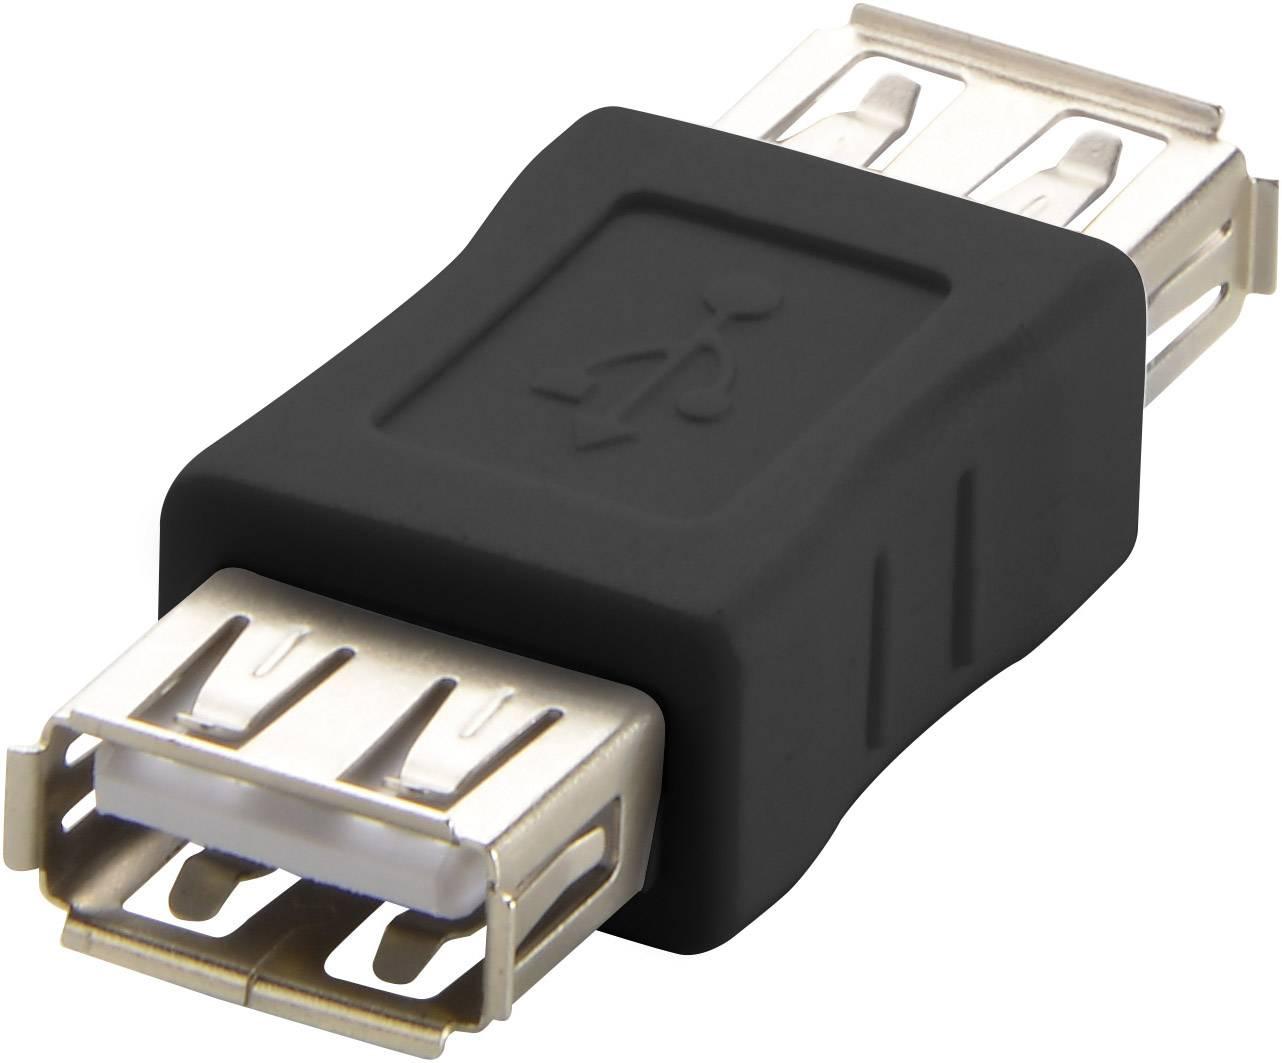 USB adaptér RENKFORCE 1x USB 2.0 zásuvka ⇔ 1x USB 2.0 zásuvka, čierna